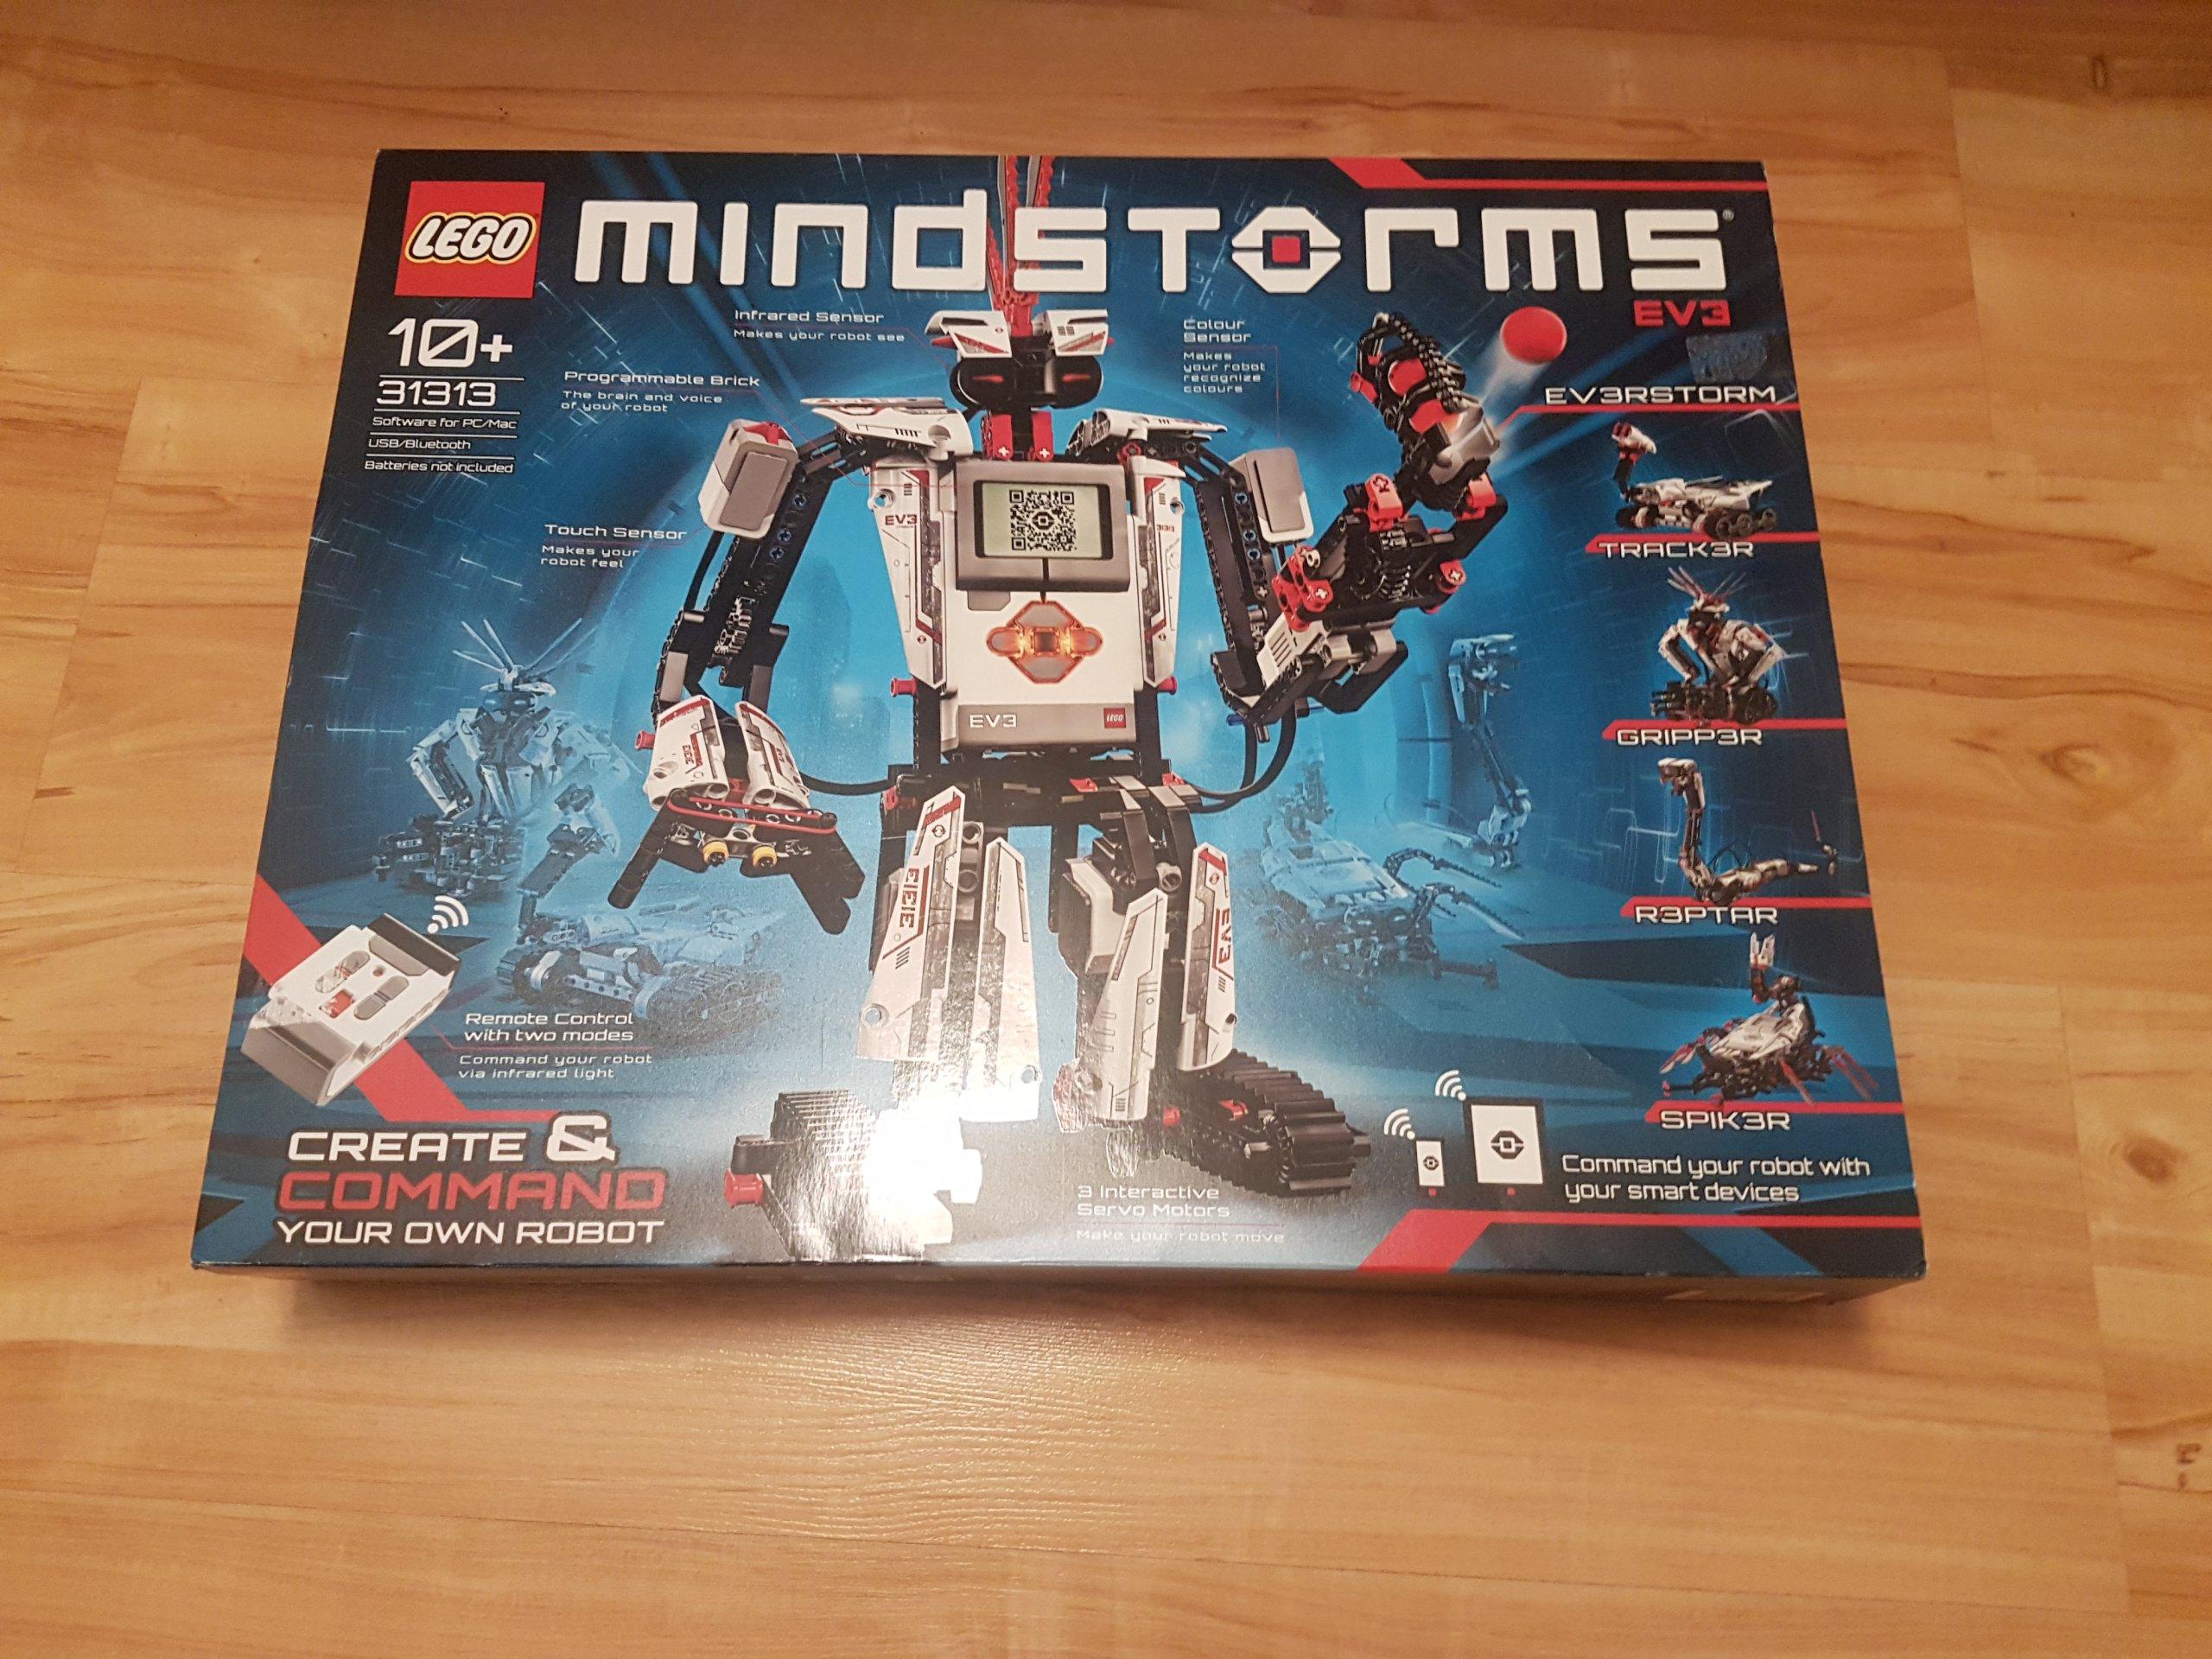 Lego Mindstorms Ev3 31313 Używany 7190828571 Oficjalne Archiwum